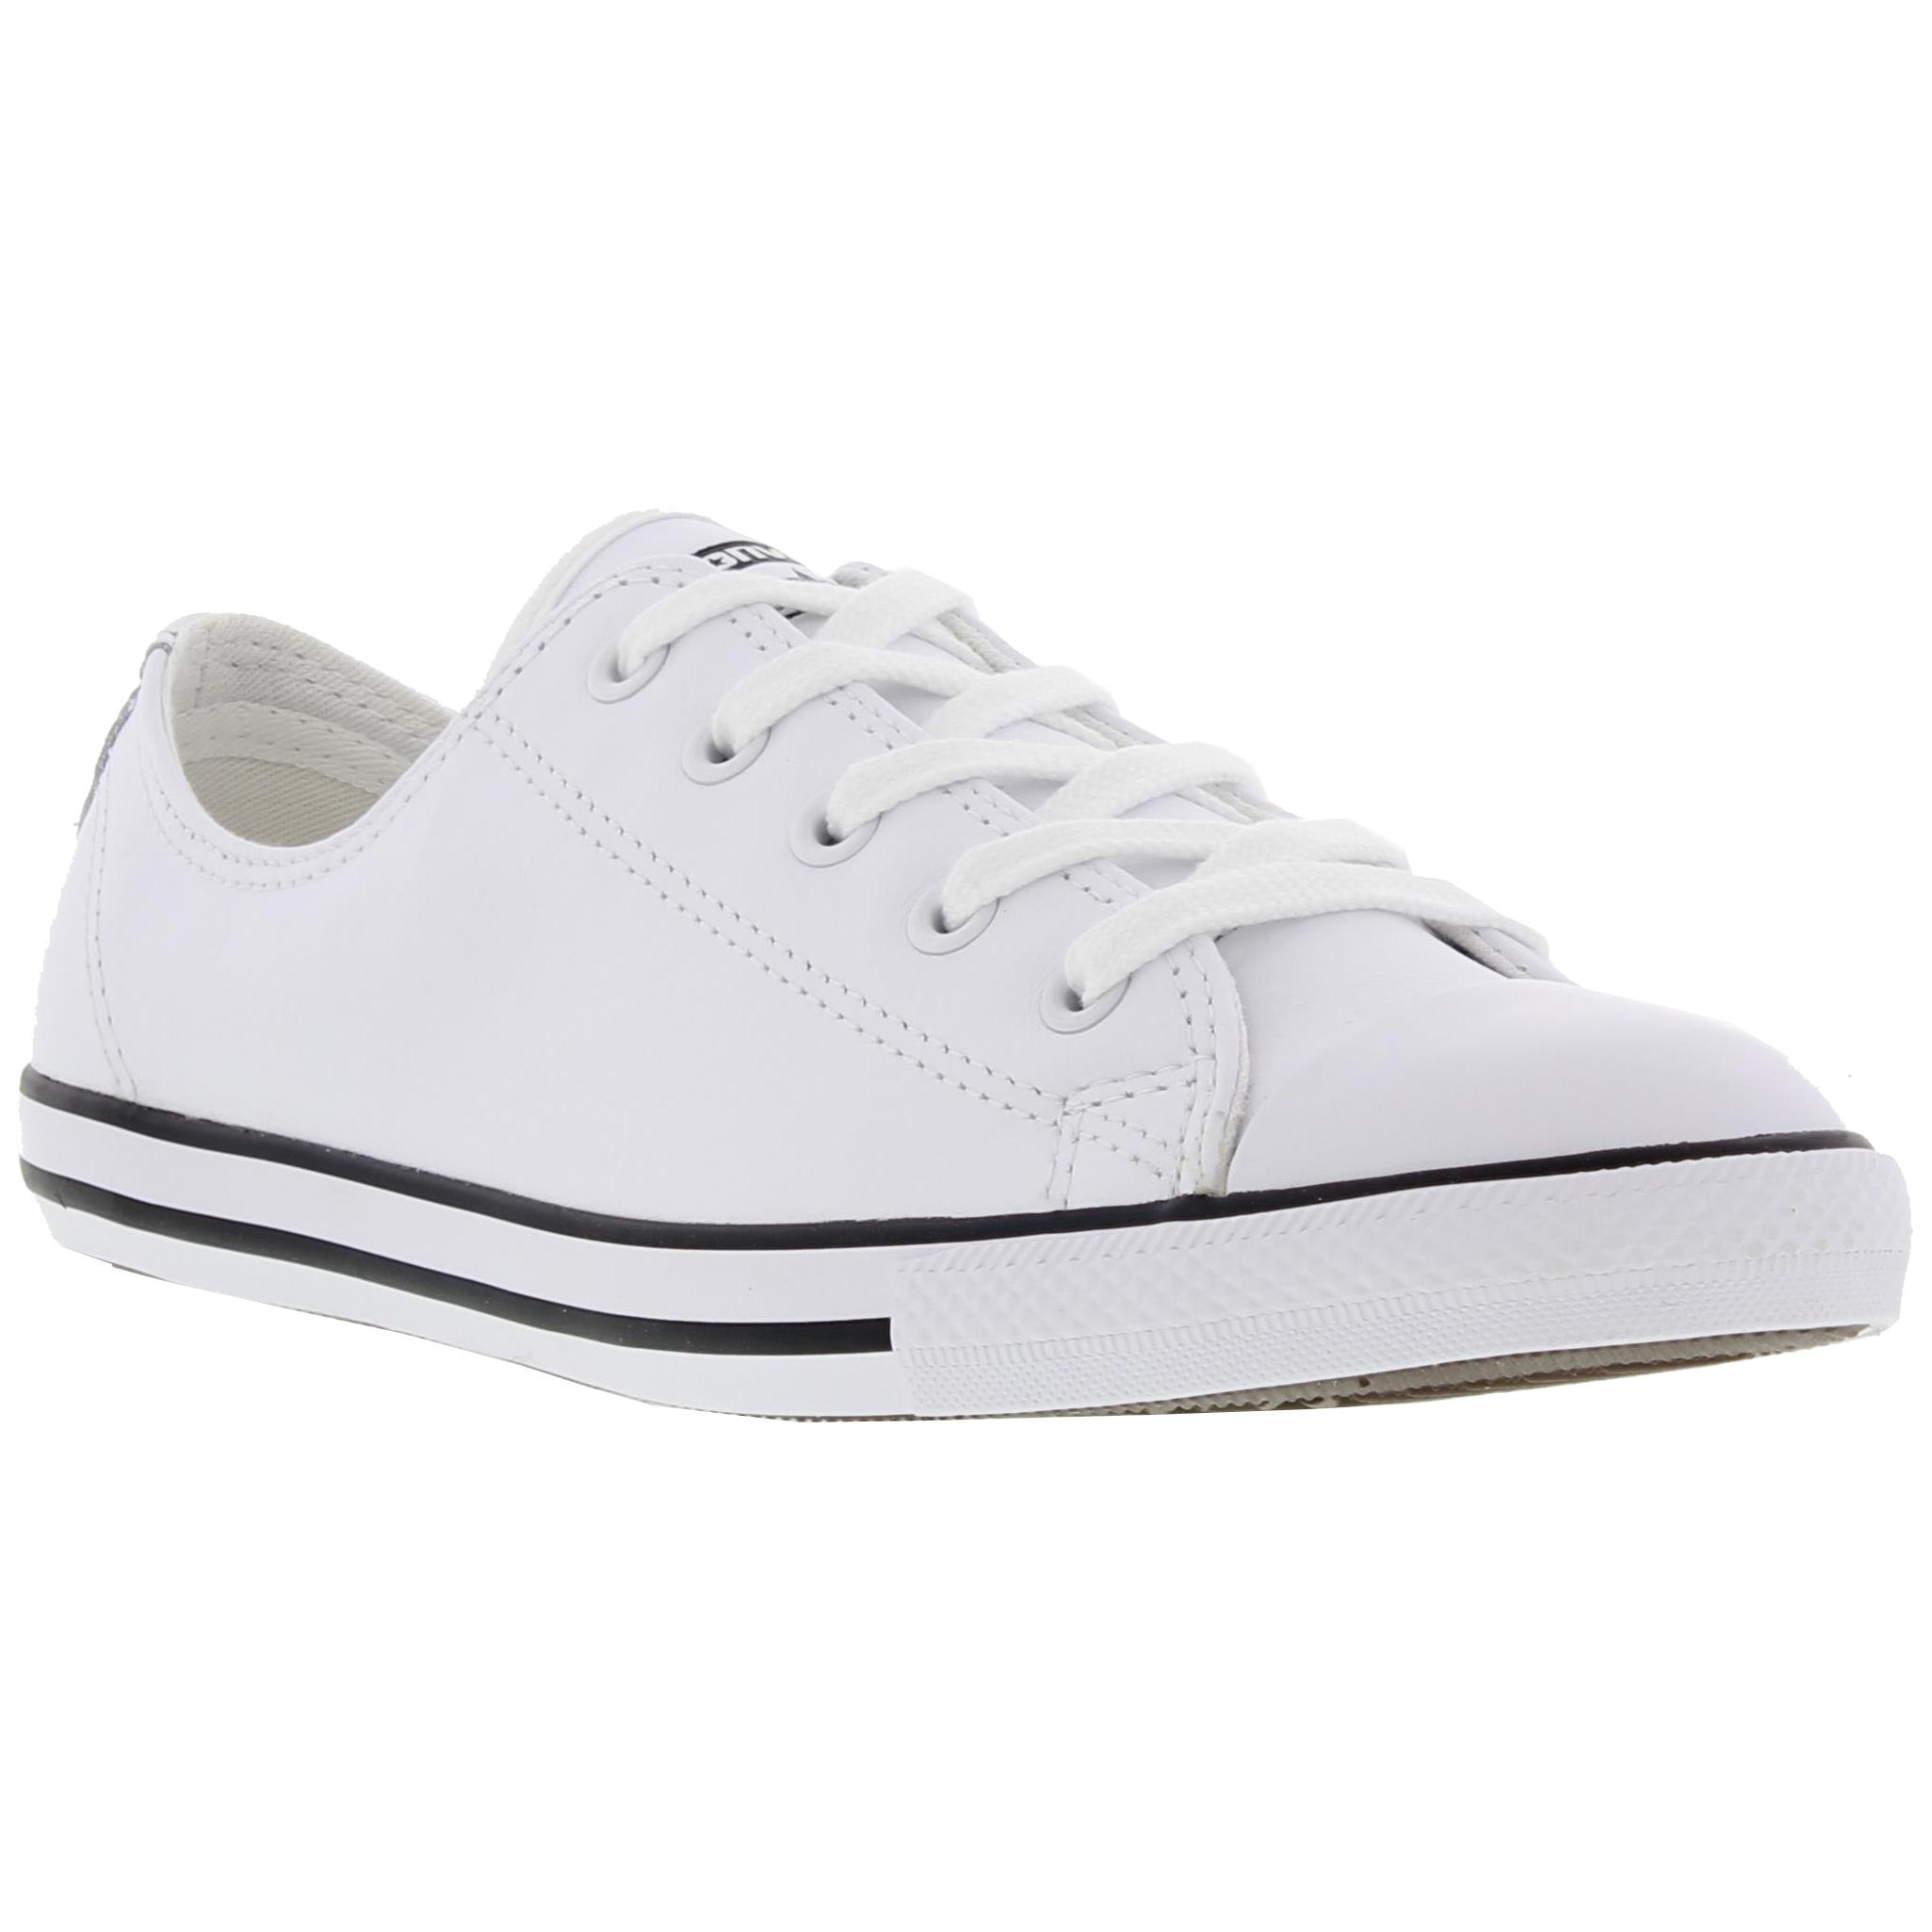 2582b6142298 Detalles de Converse CT All Star Dainty Ox Cuero para Mujeres Zapatillas  Zapatos Talla 4-8- ver título original